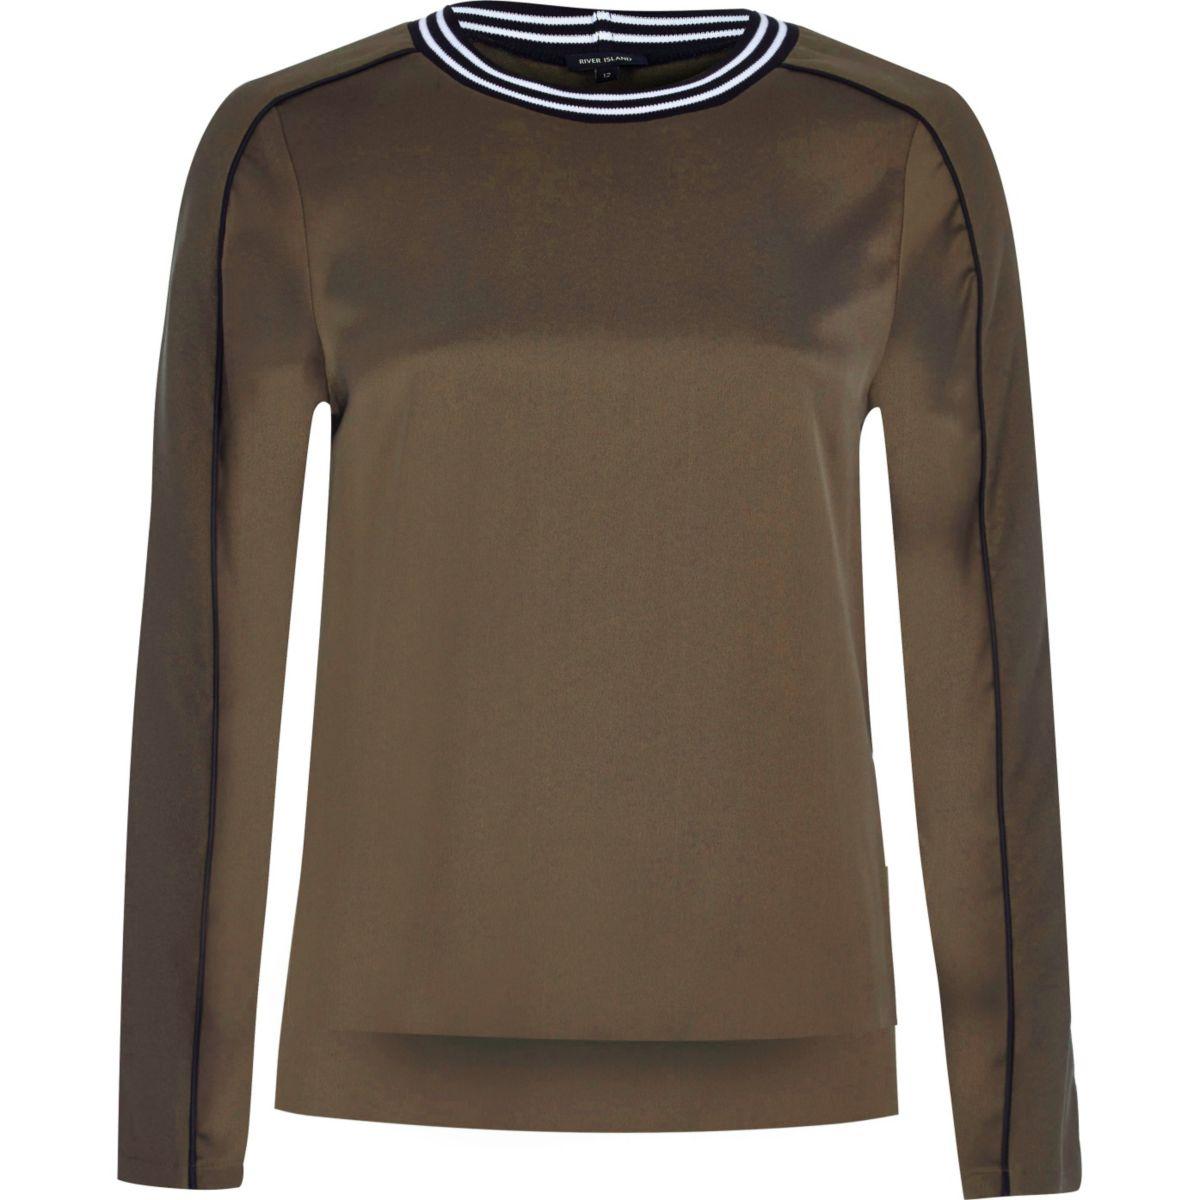 Pullover in Khaki